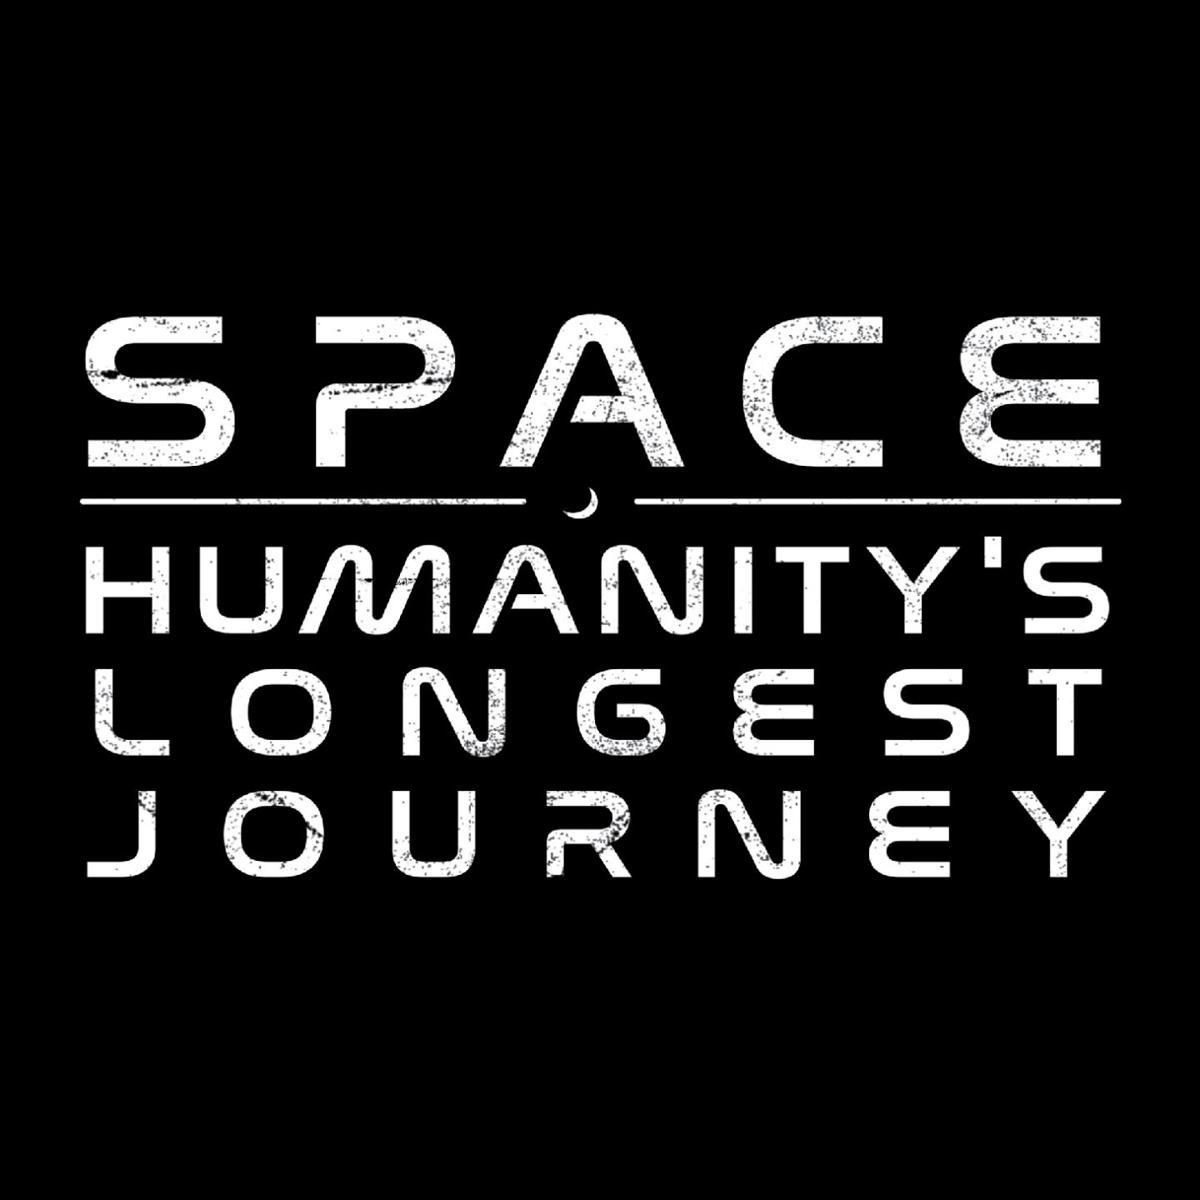 Humanity's Longest Journey